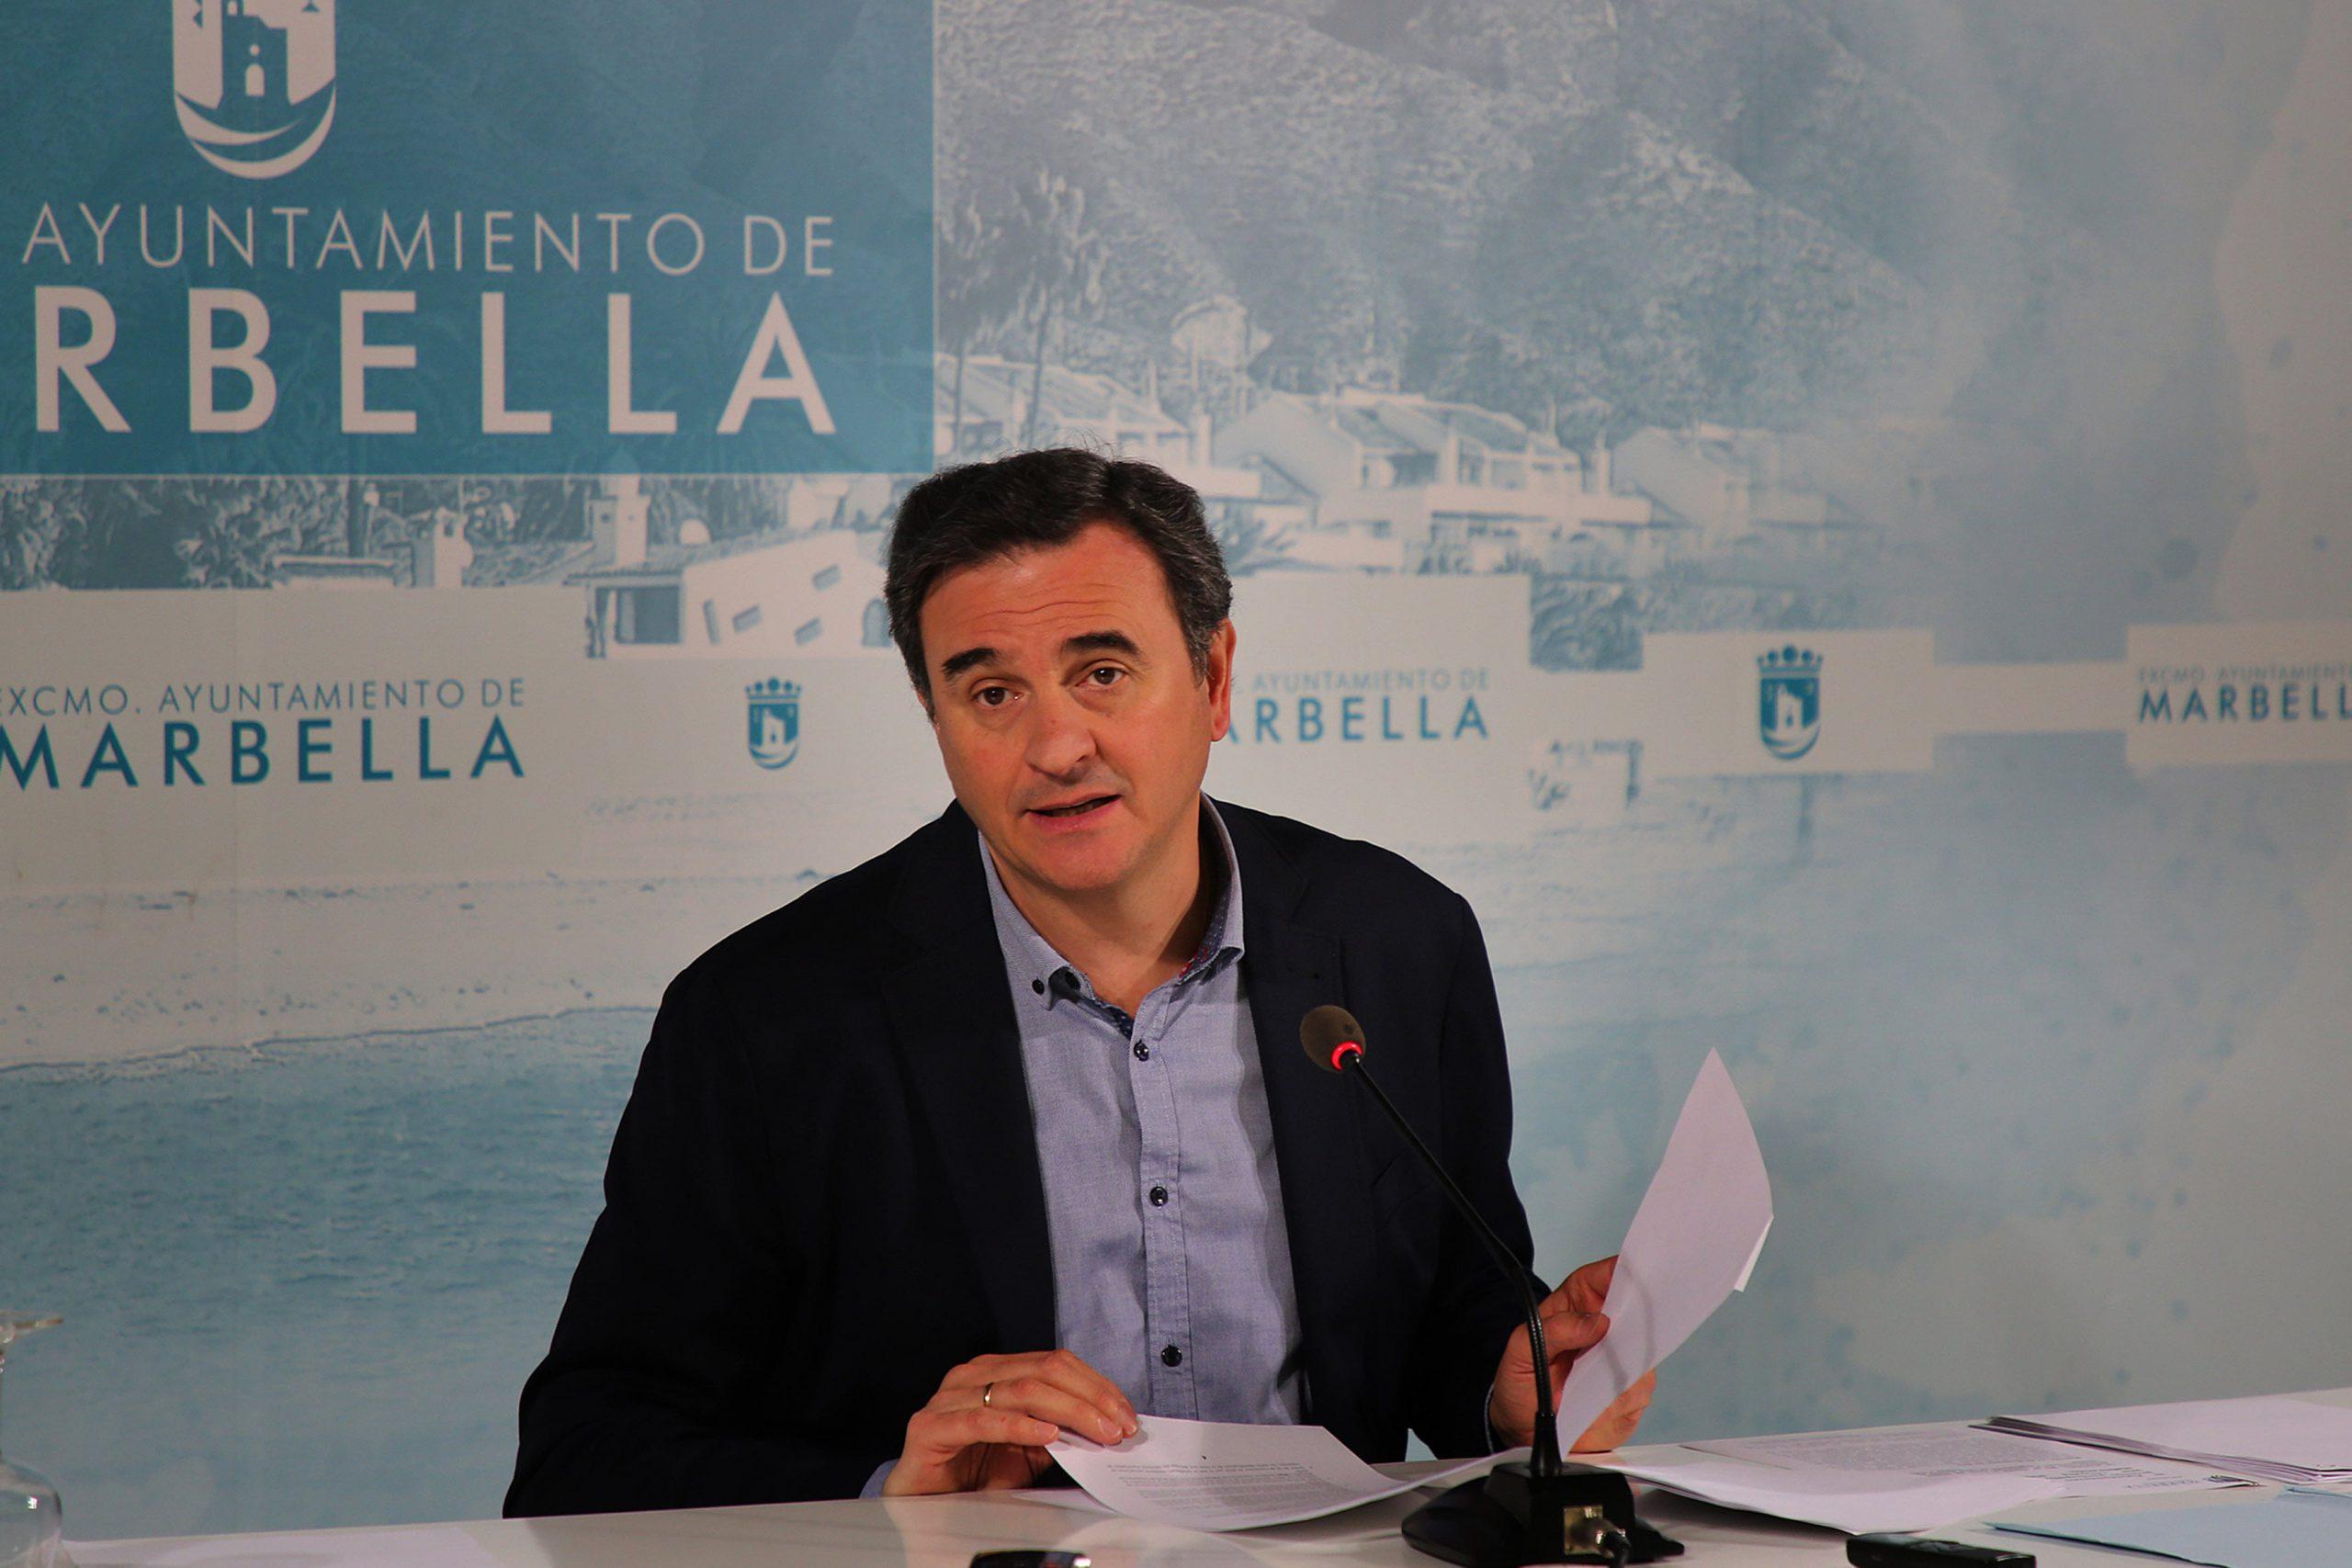 Ya se puede presentar desde mañana sugerencias al nuevo PGOU de Marbella